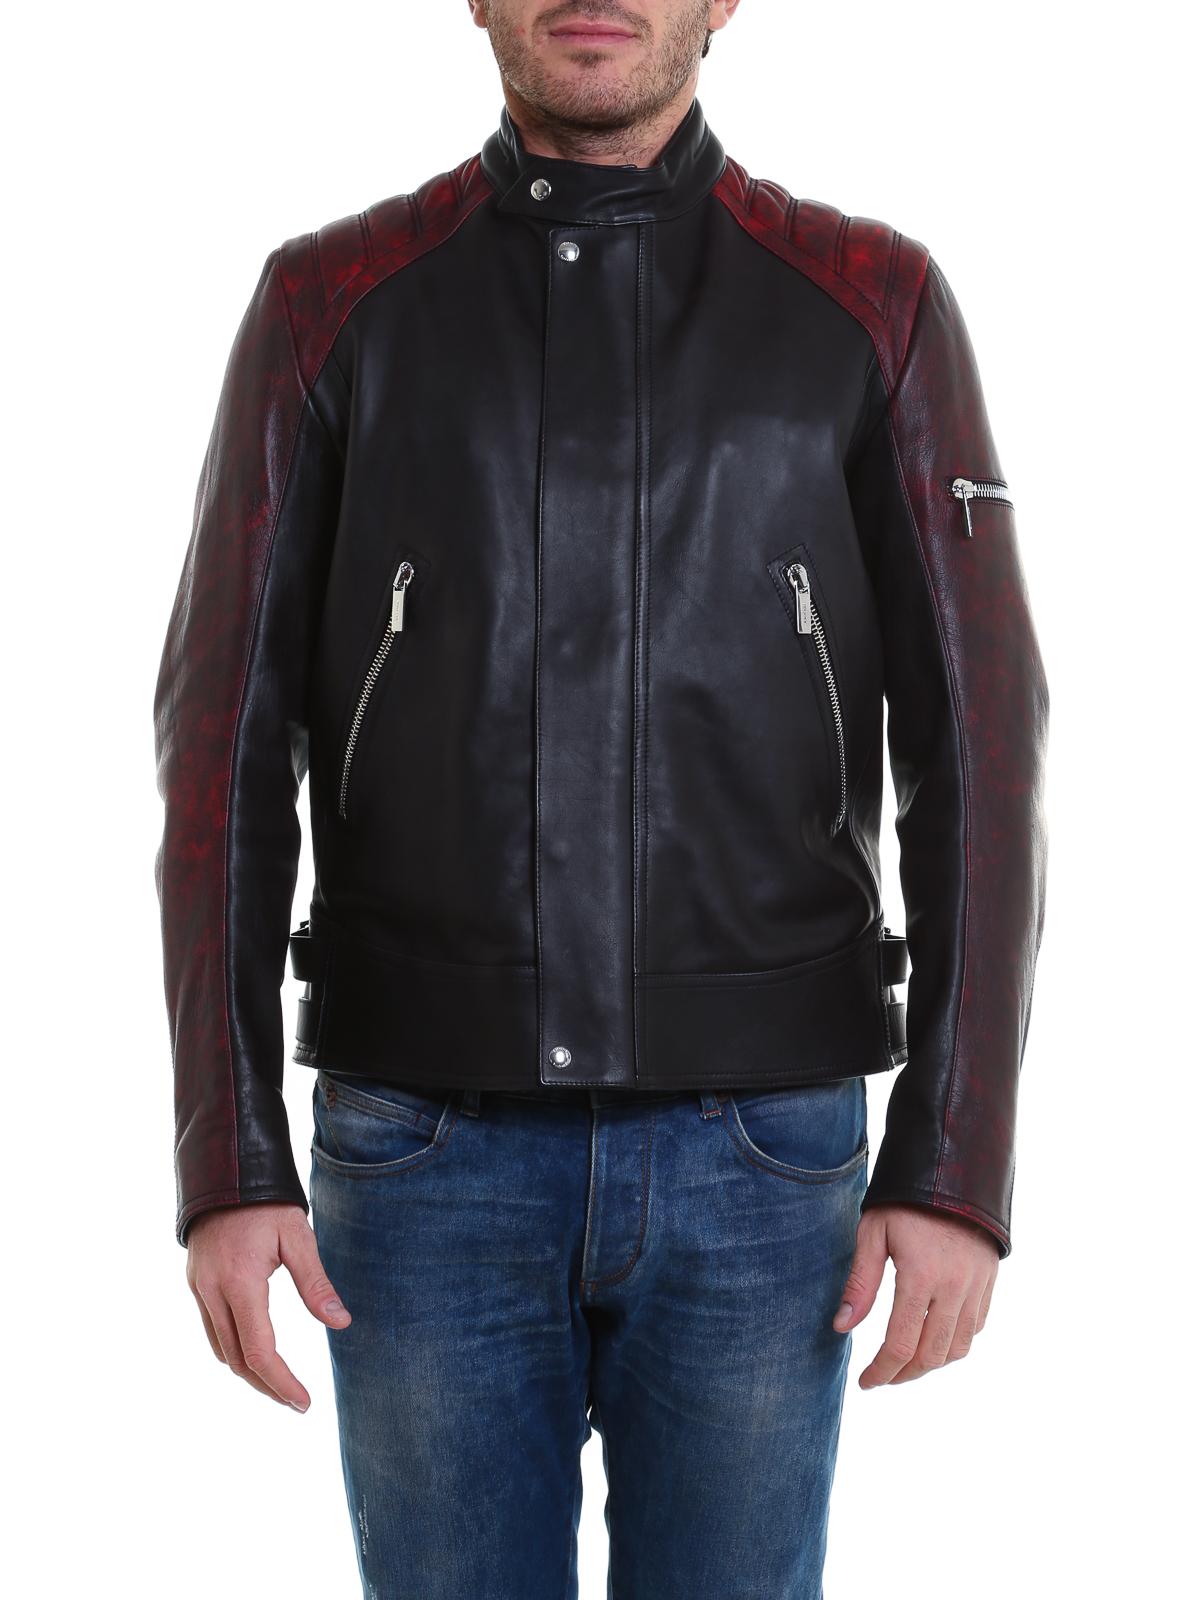 low cost 5db14 20789 Dior - レザーコート メンズ - 黒 - レザージャケット ...